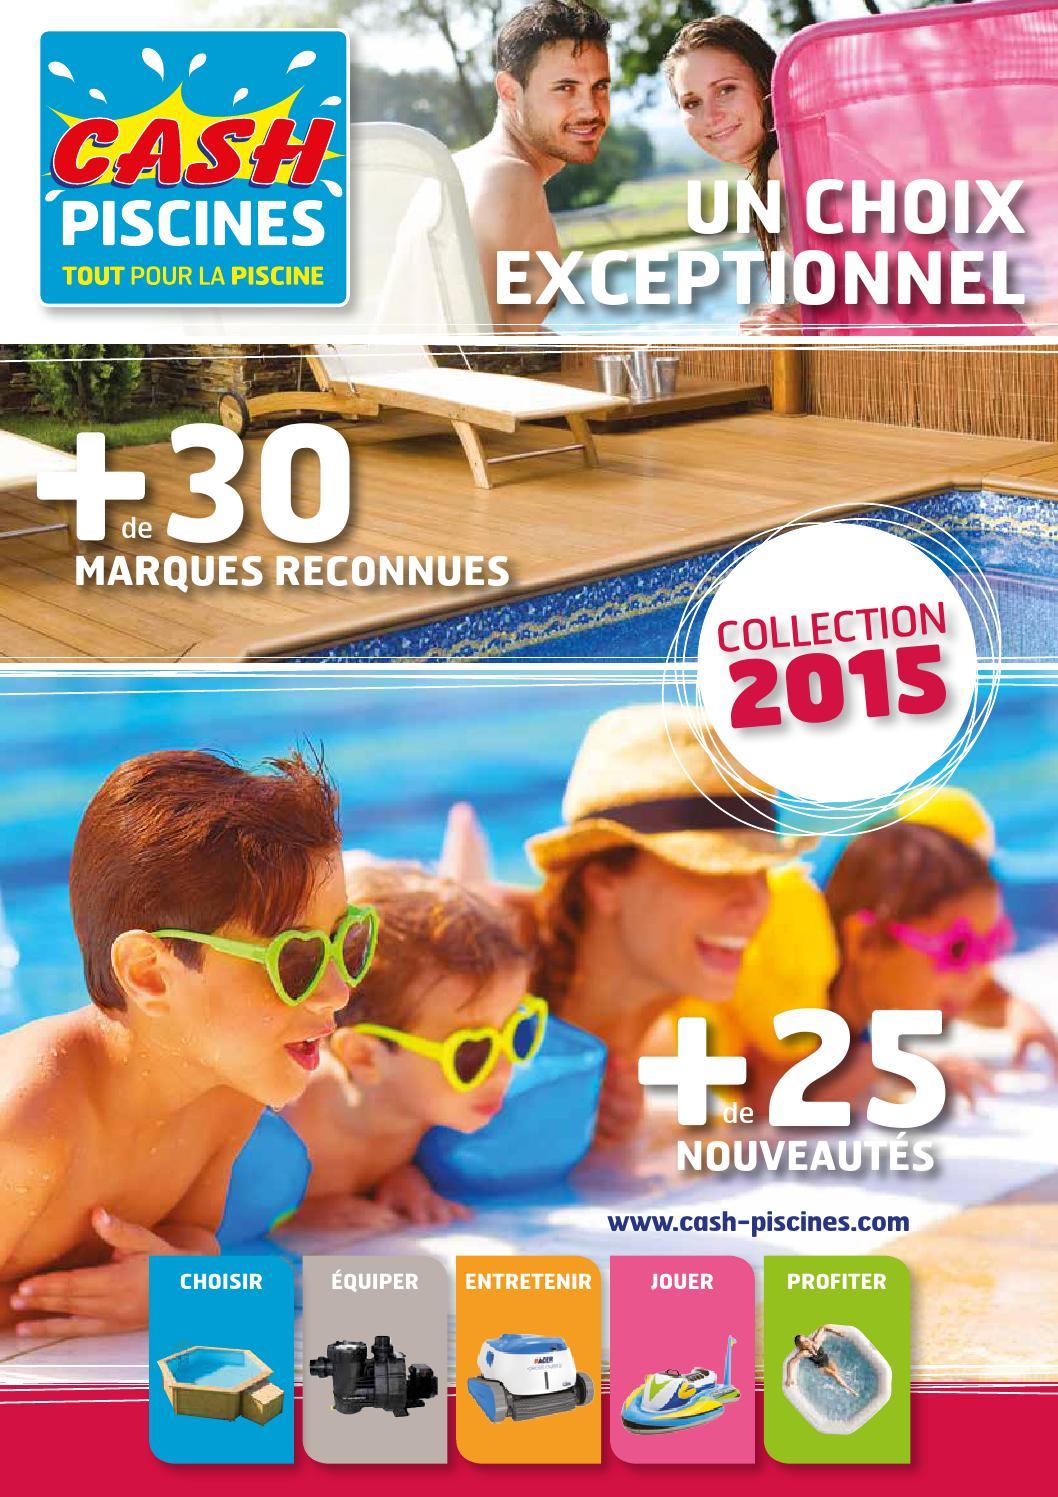 Catalogue Cash Piscines 2015 By Octave Octave - Issuu dedans Cash Piscine Lescar